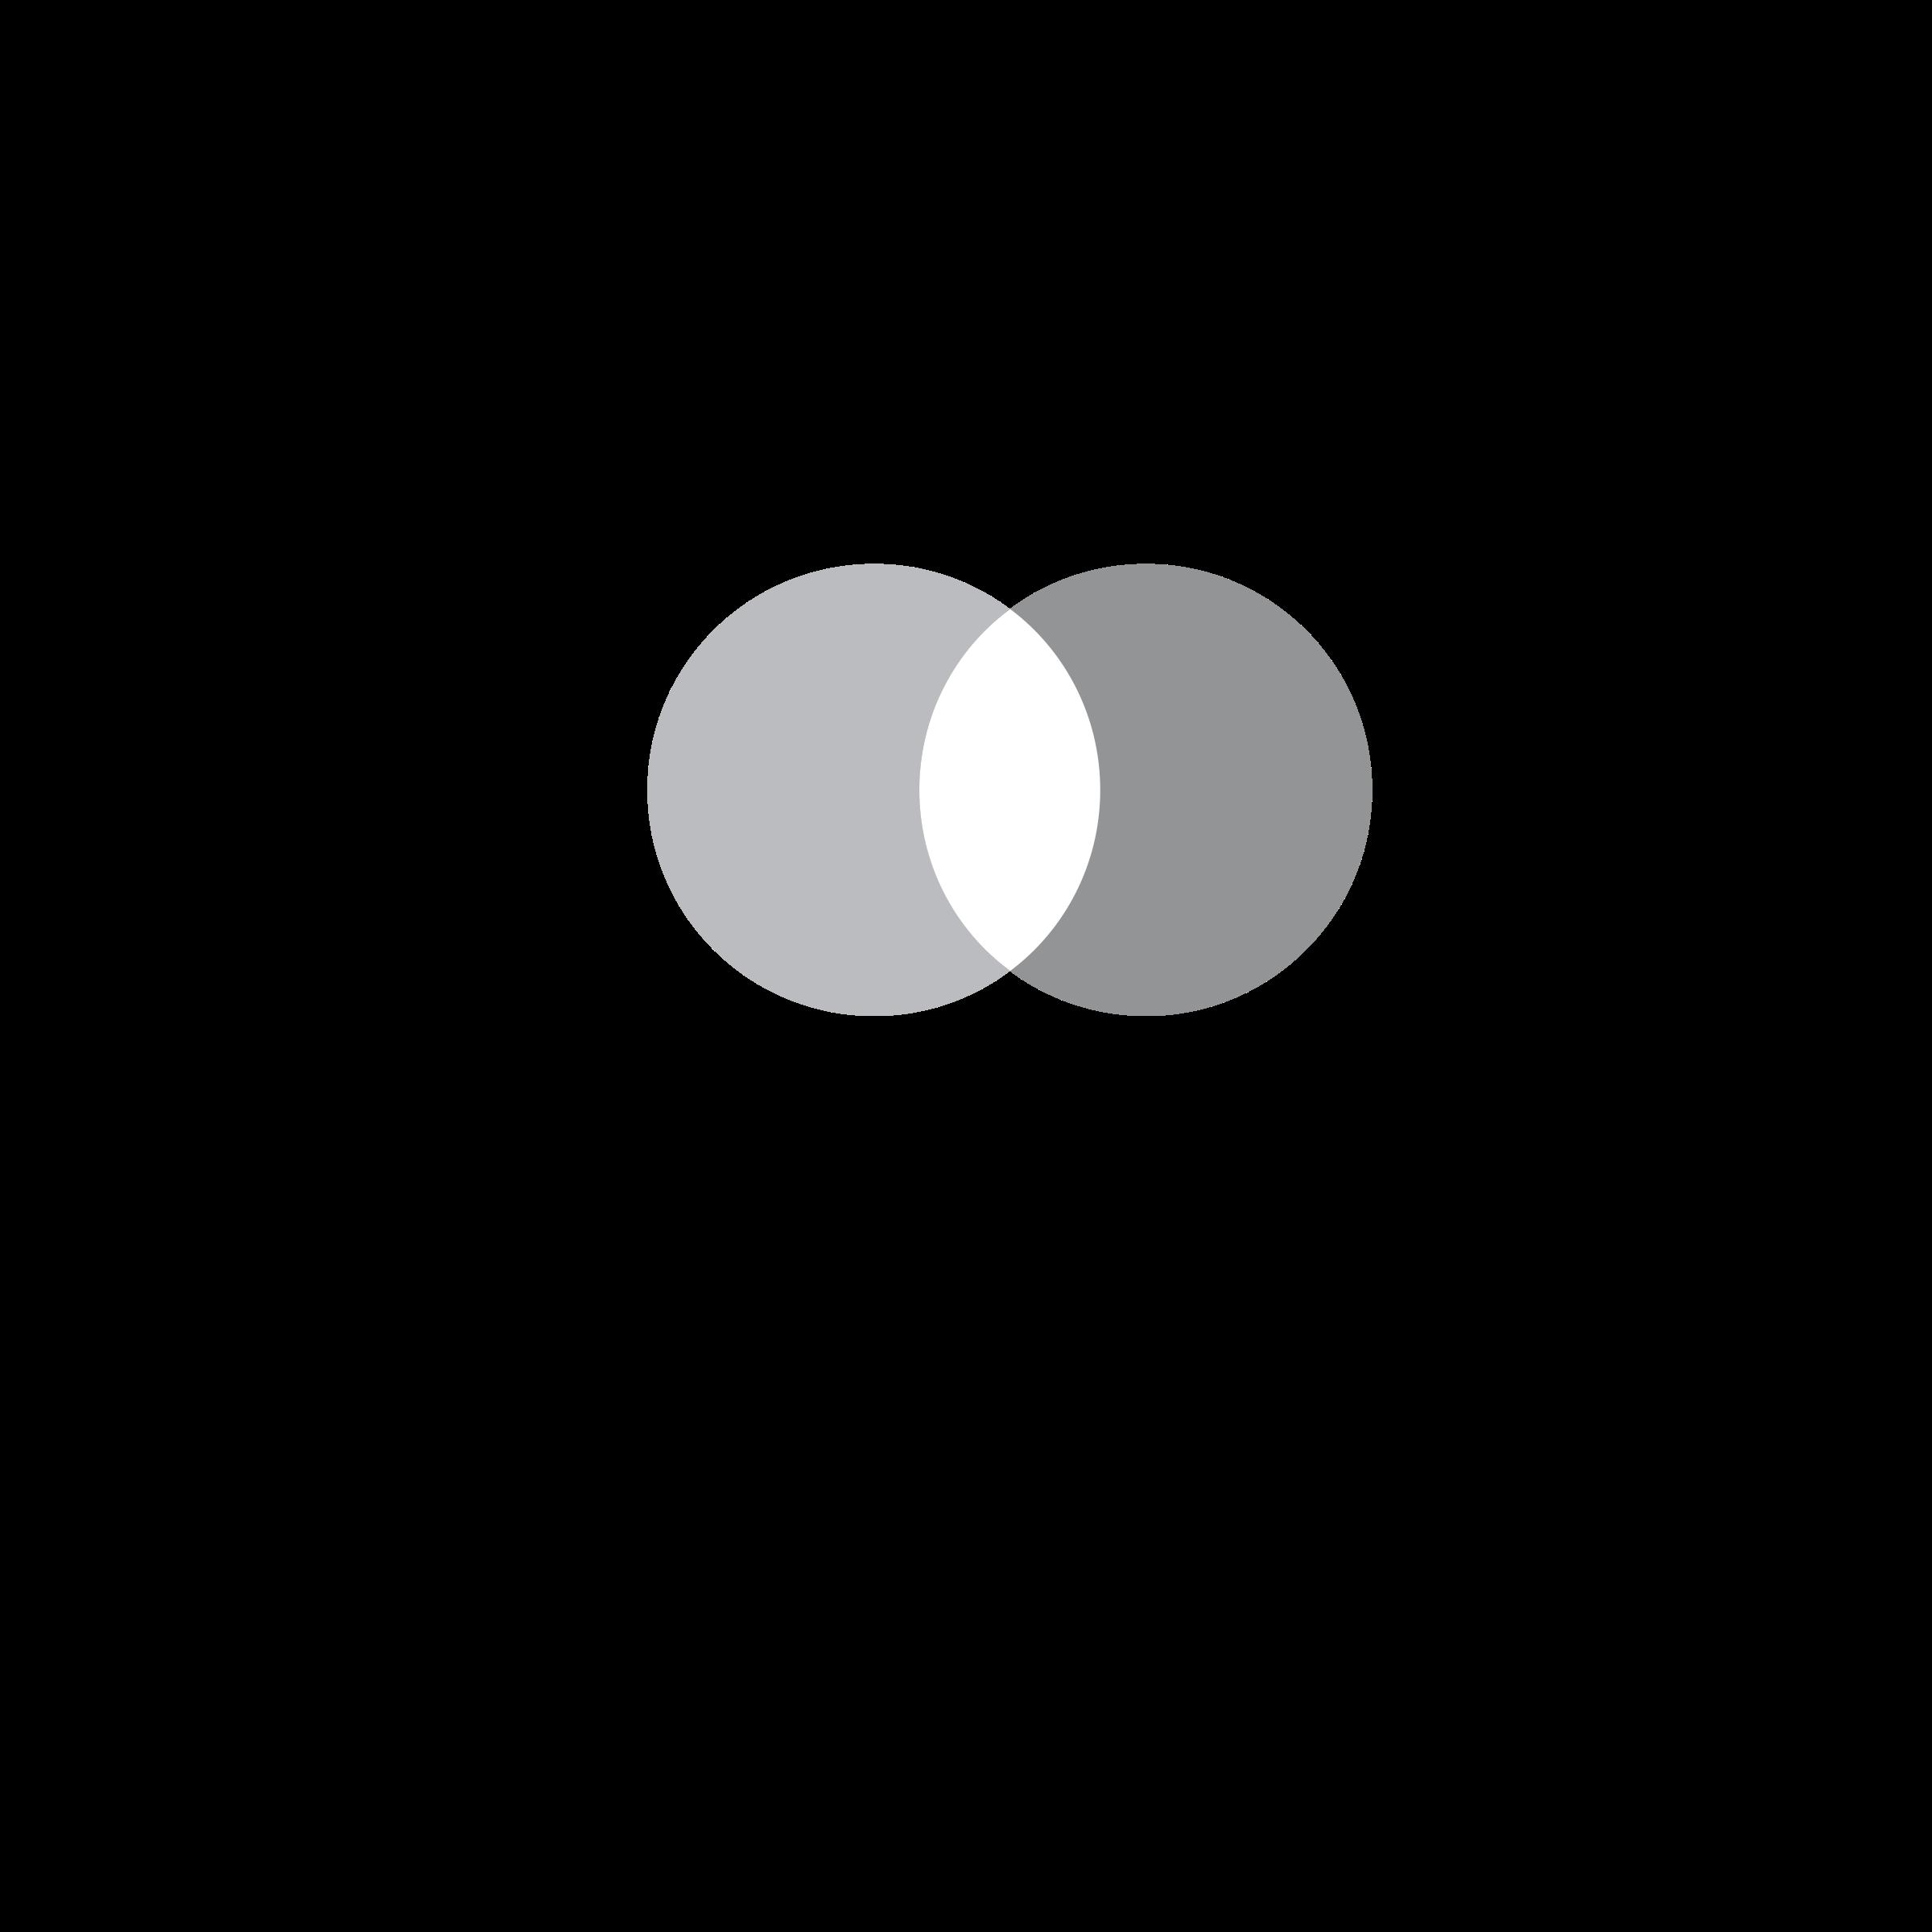 bom com logo png transparent svg vector freebie supply bom com logo png transparent svg